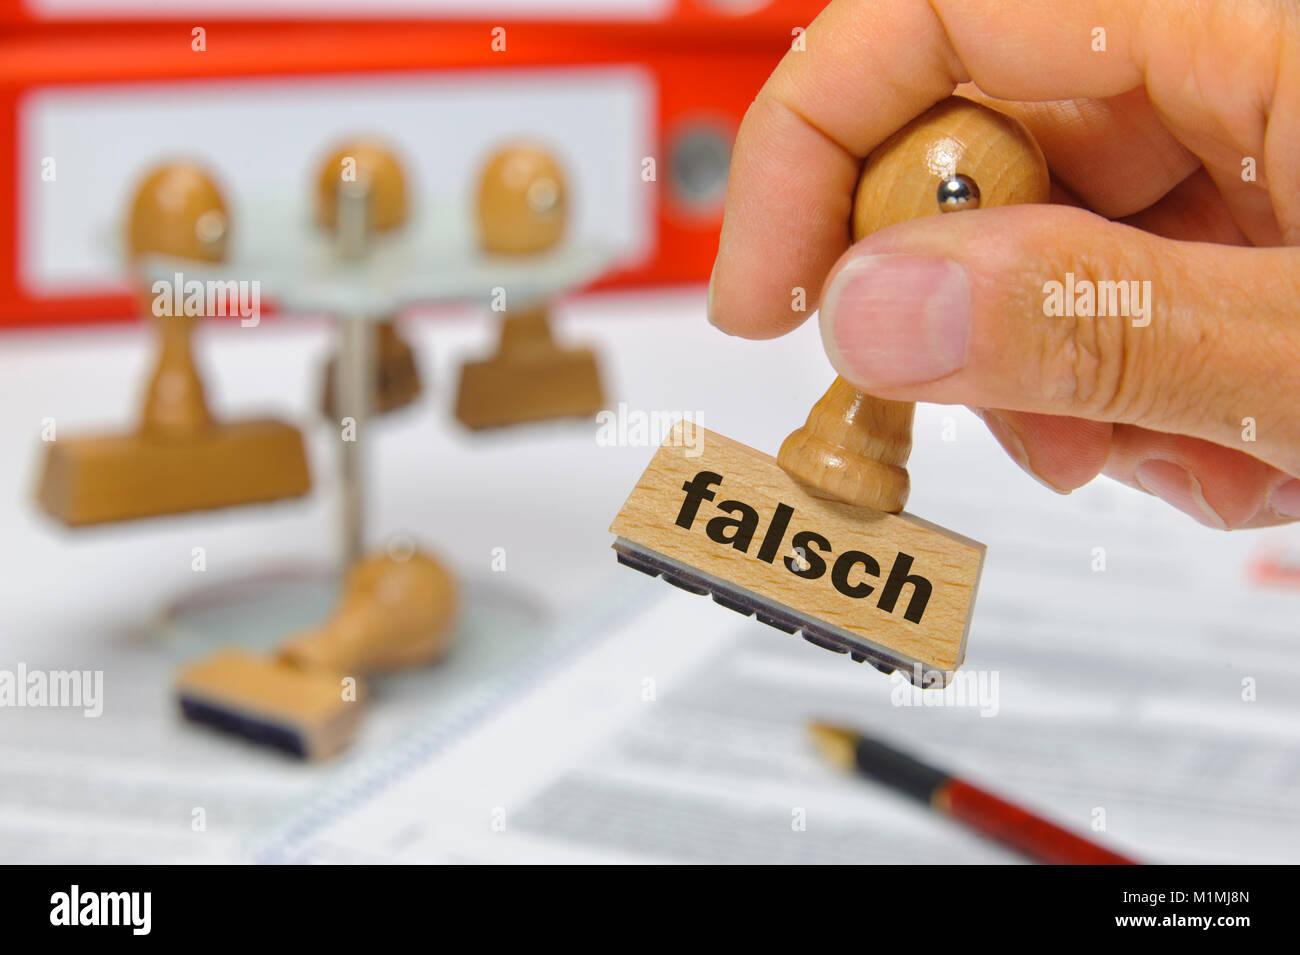 Stempel mit Aufdruck falsch - Stock Image